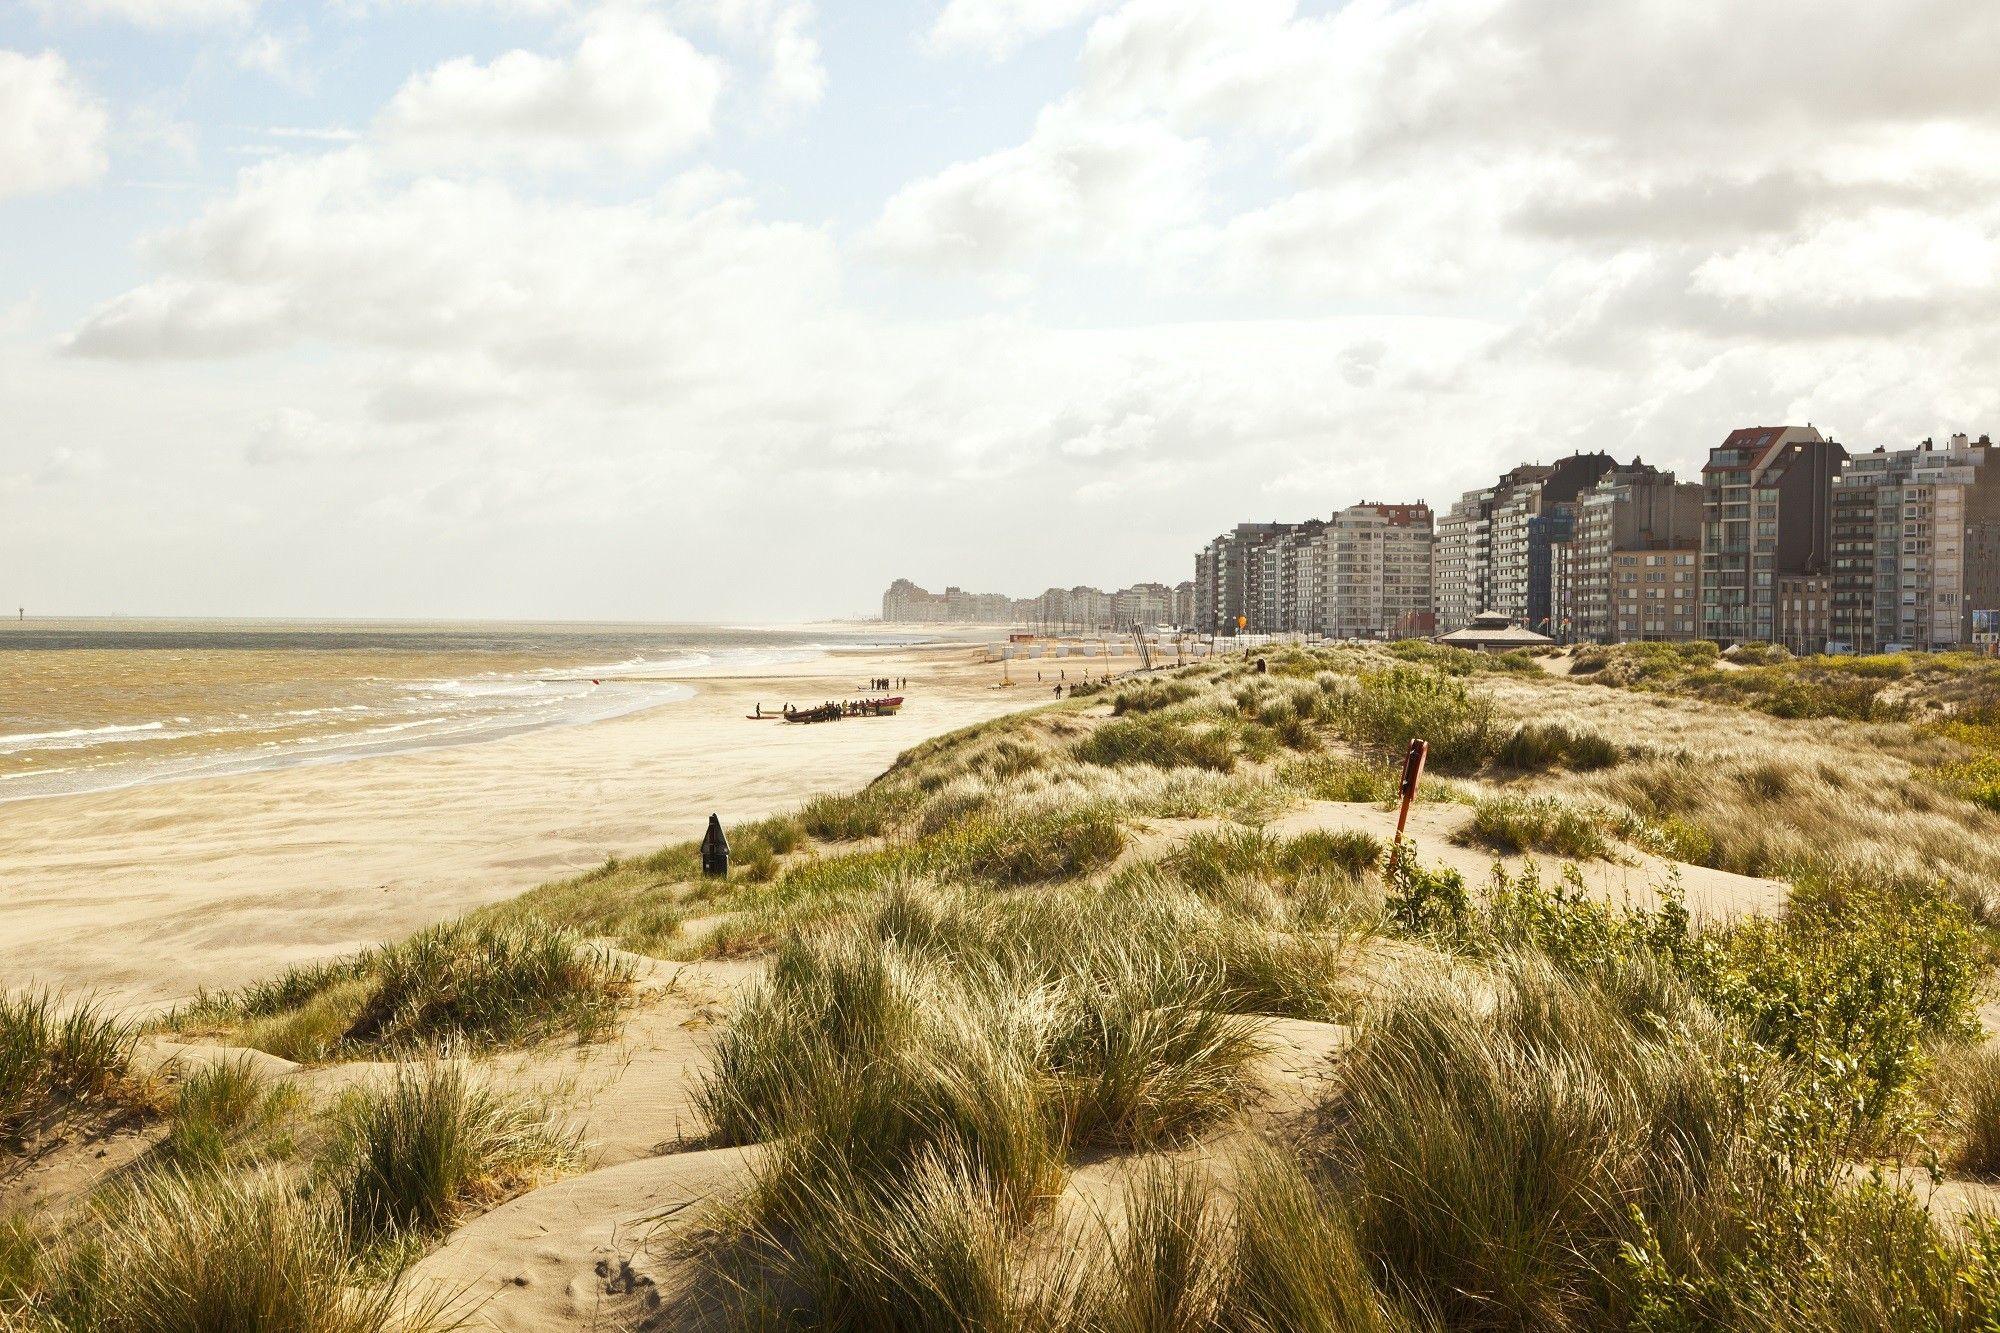 Dagaanbieding: 3 dagen in een met 8,9 beoordeeld hotel tussen <b>Knokke</b> en <b>Blankenberge</b>